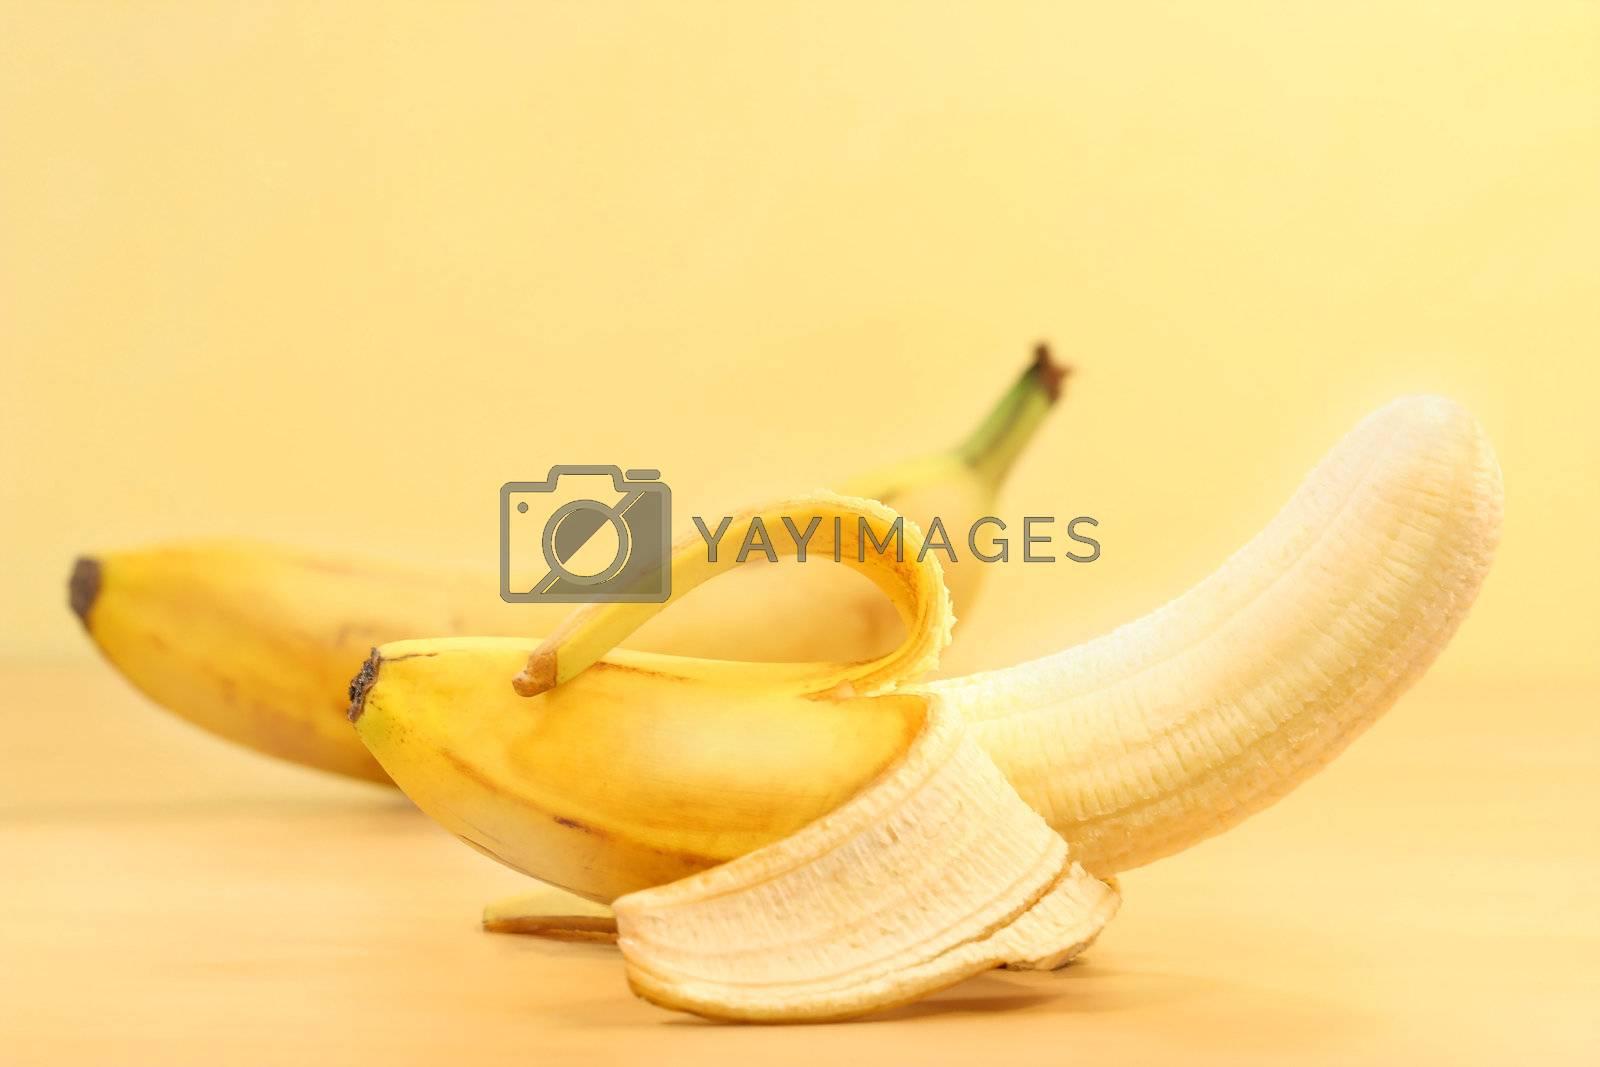 Bananas with banana peel on counter